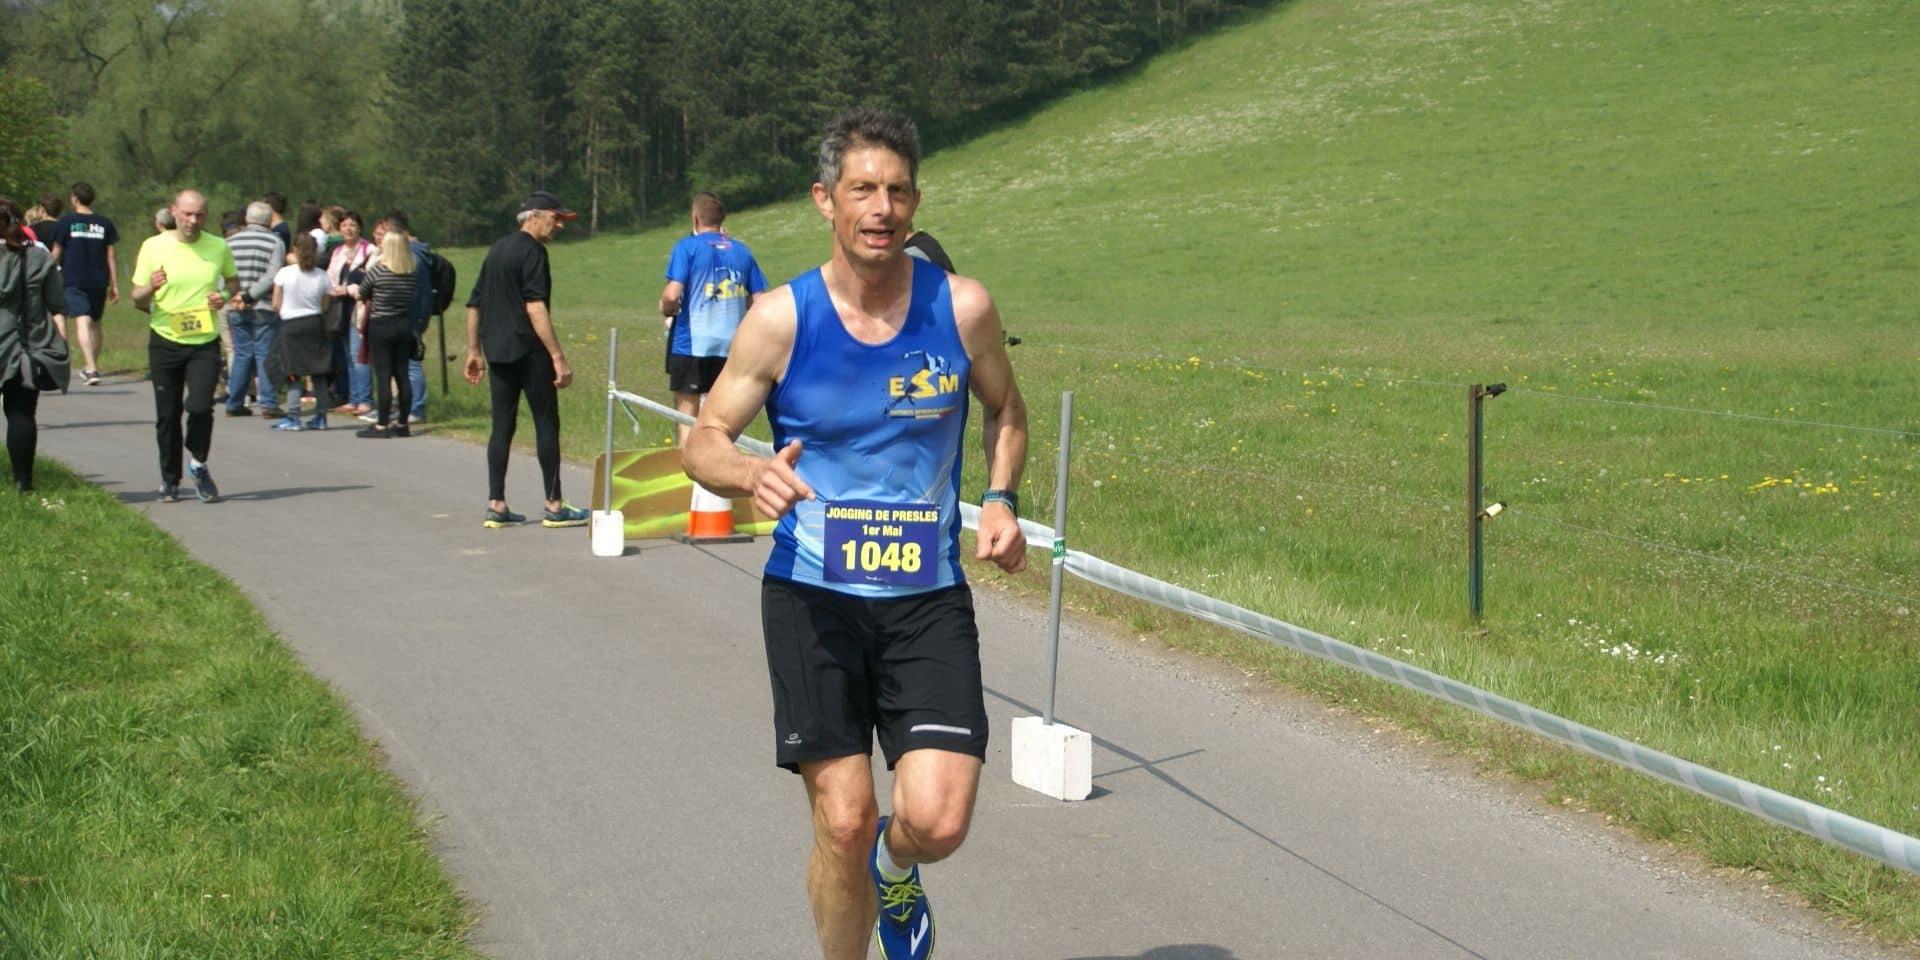 Pierre Mortier, des pelotons pros à un prochain Ironman